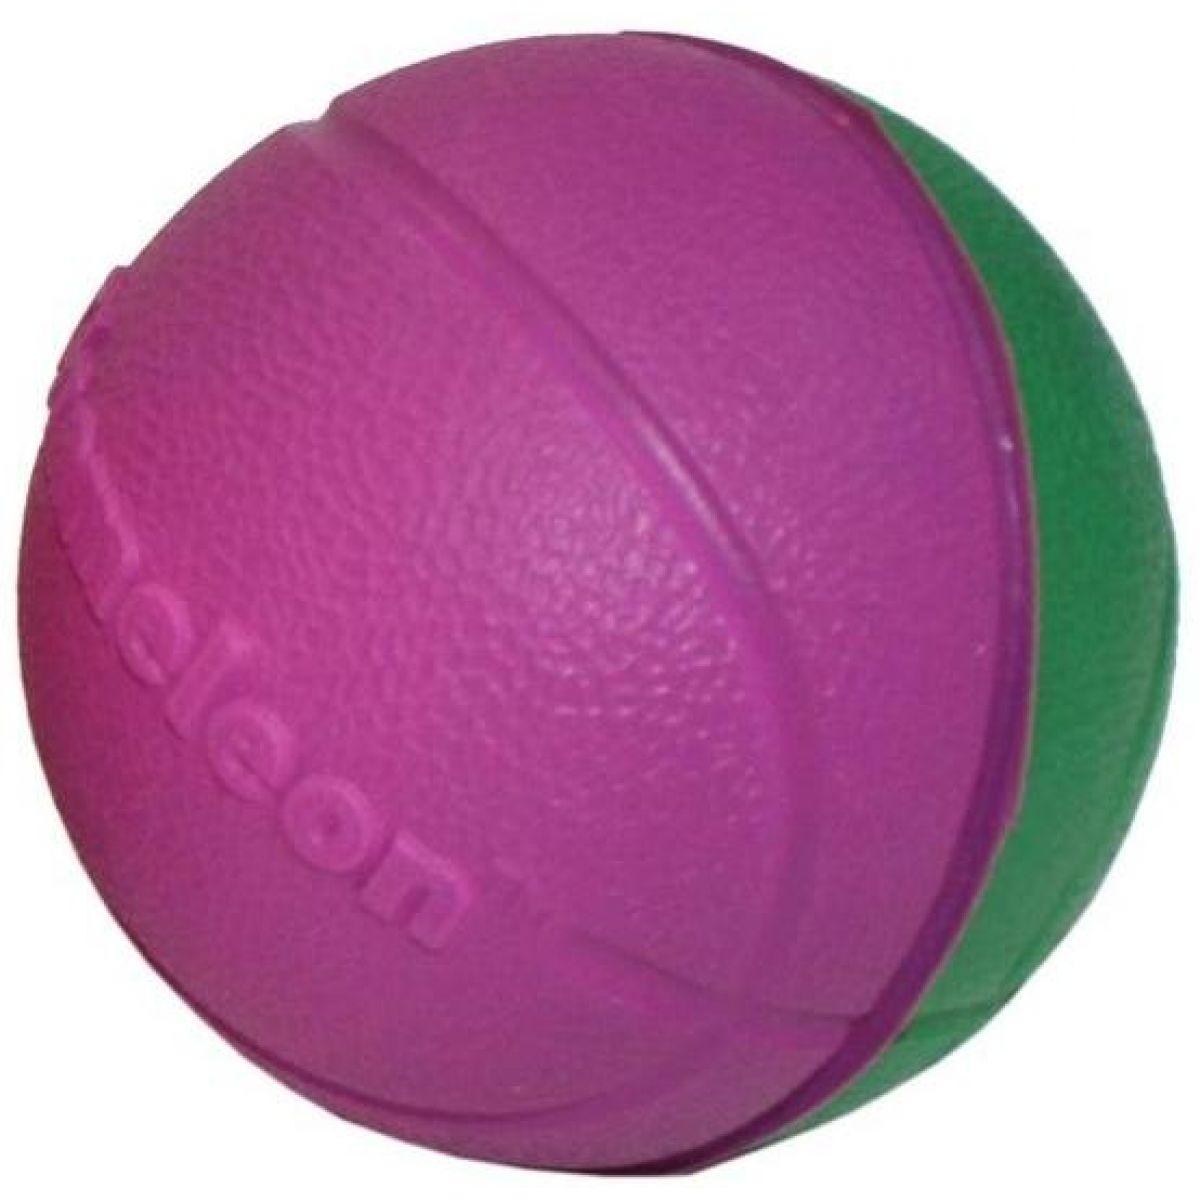 Chameleon basketbalový míč 6,5cm - Fialová zelená